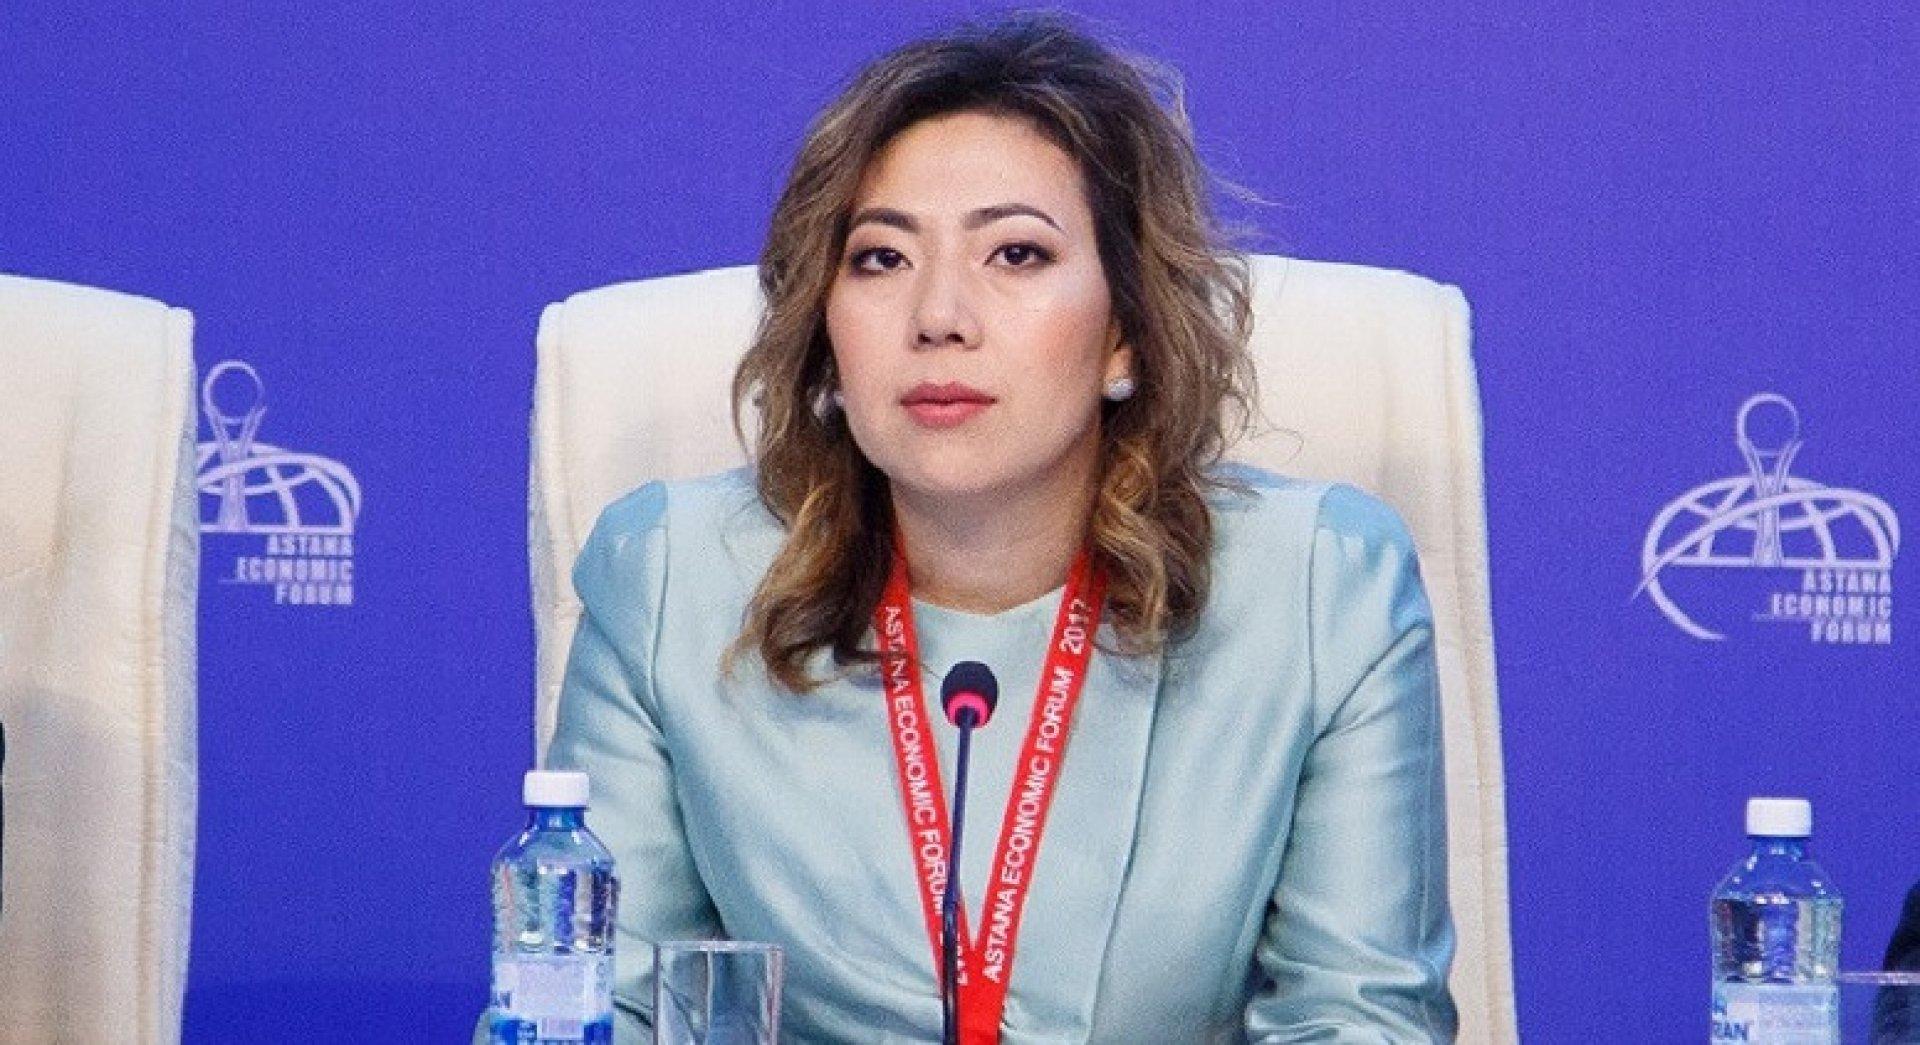 Әбілқасымова Мәдина Ерасылқызы,